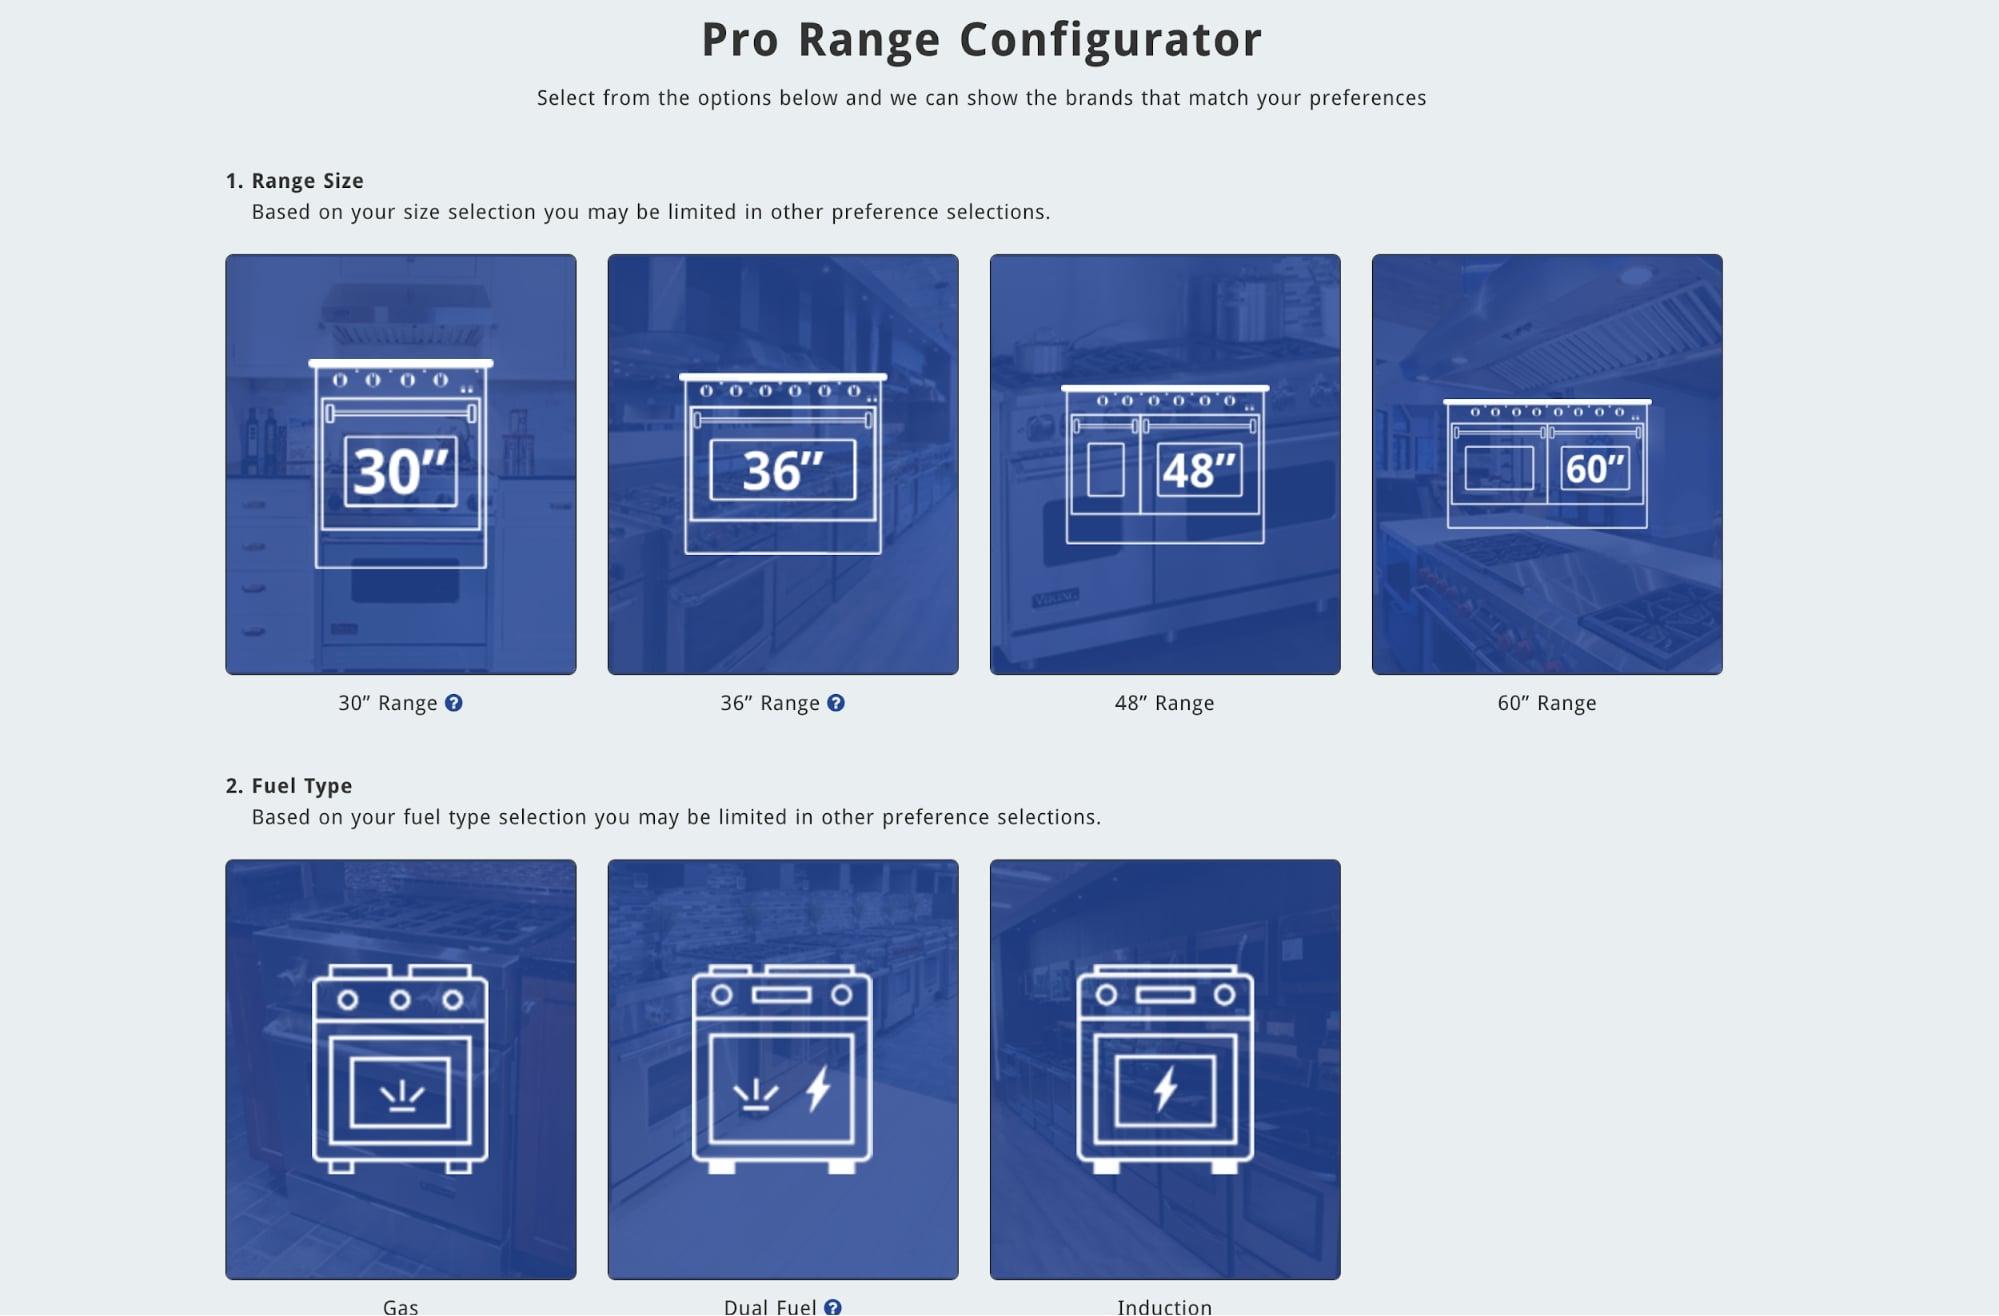 pro range configuator